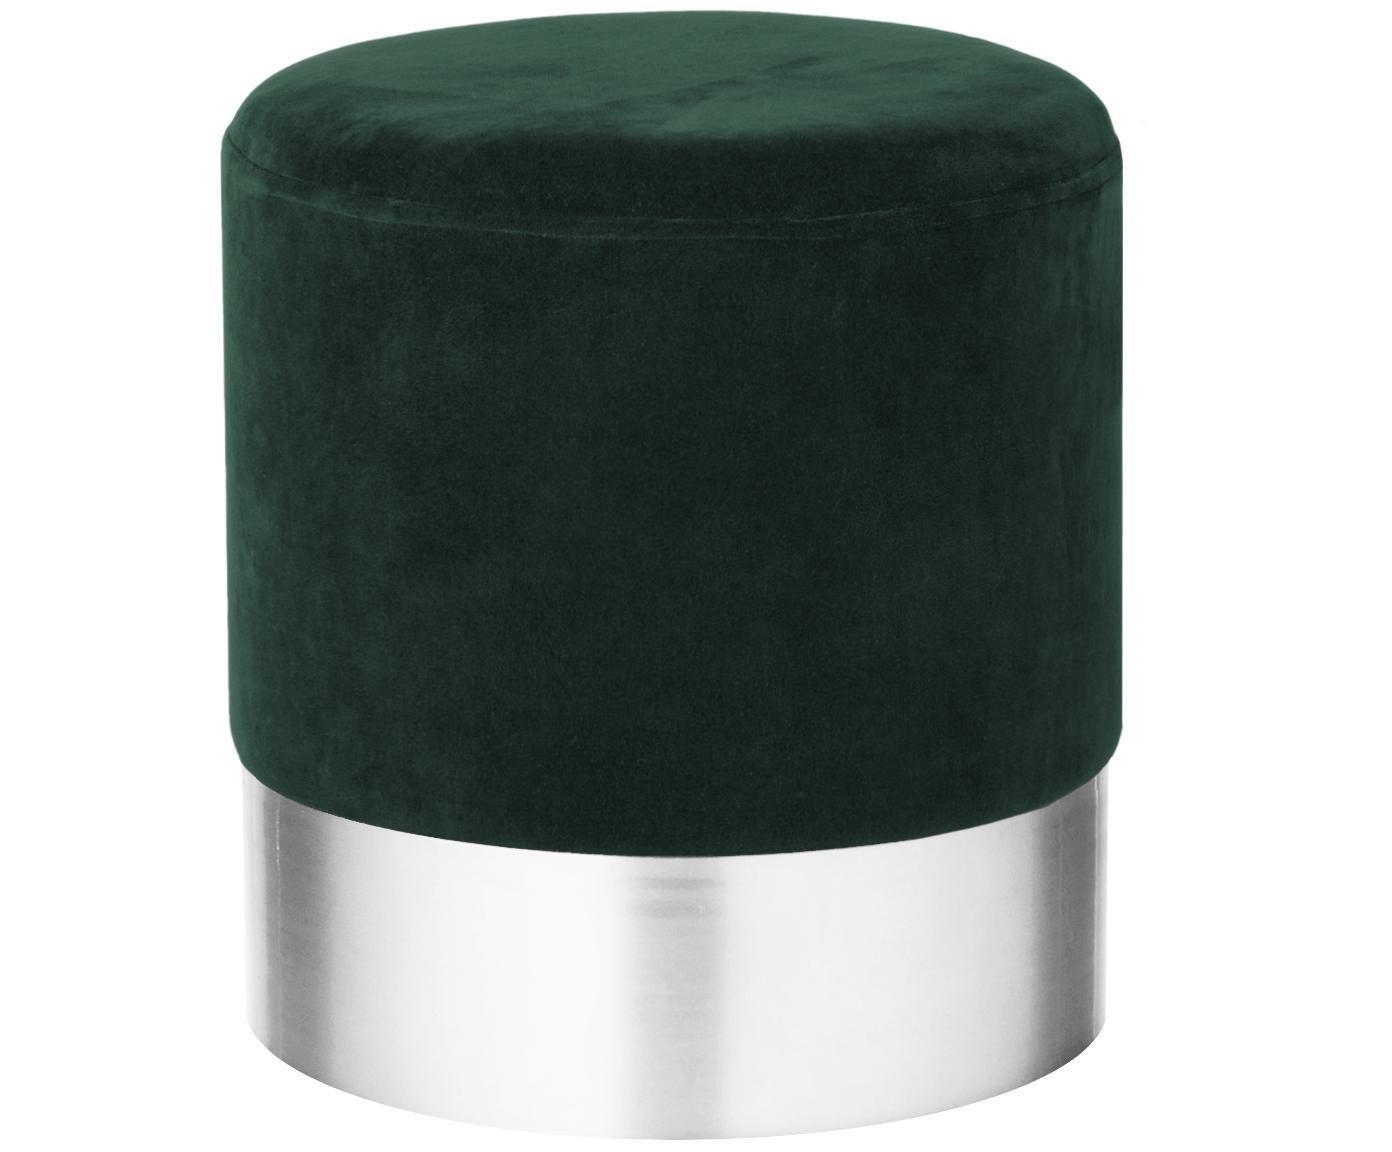 Samt-Hocker Harlow, Bezug: Baumwollsamt, Fuß: Eisen, pulverbeschichtet, Dunkelgrün, Silber, Ø 38 x H 42 cm